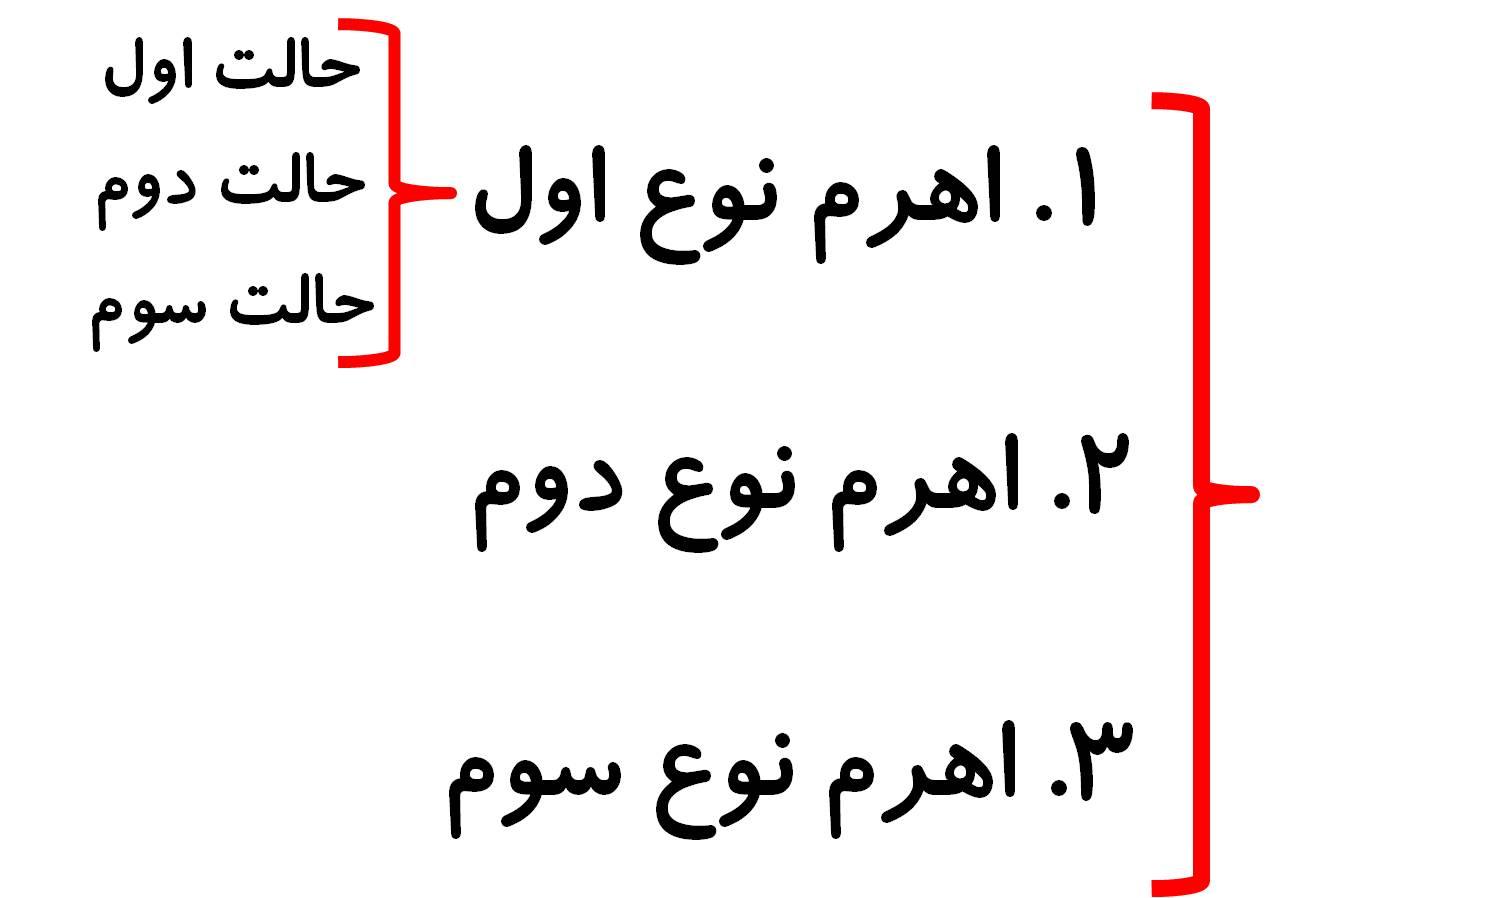 ah1 - تحقیق در مورد اهرم